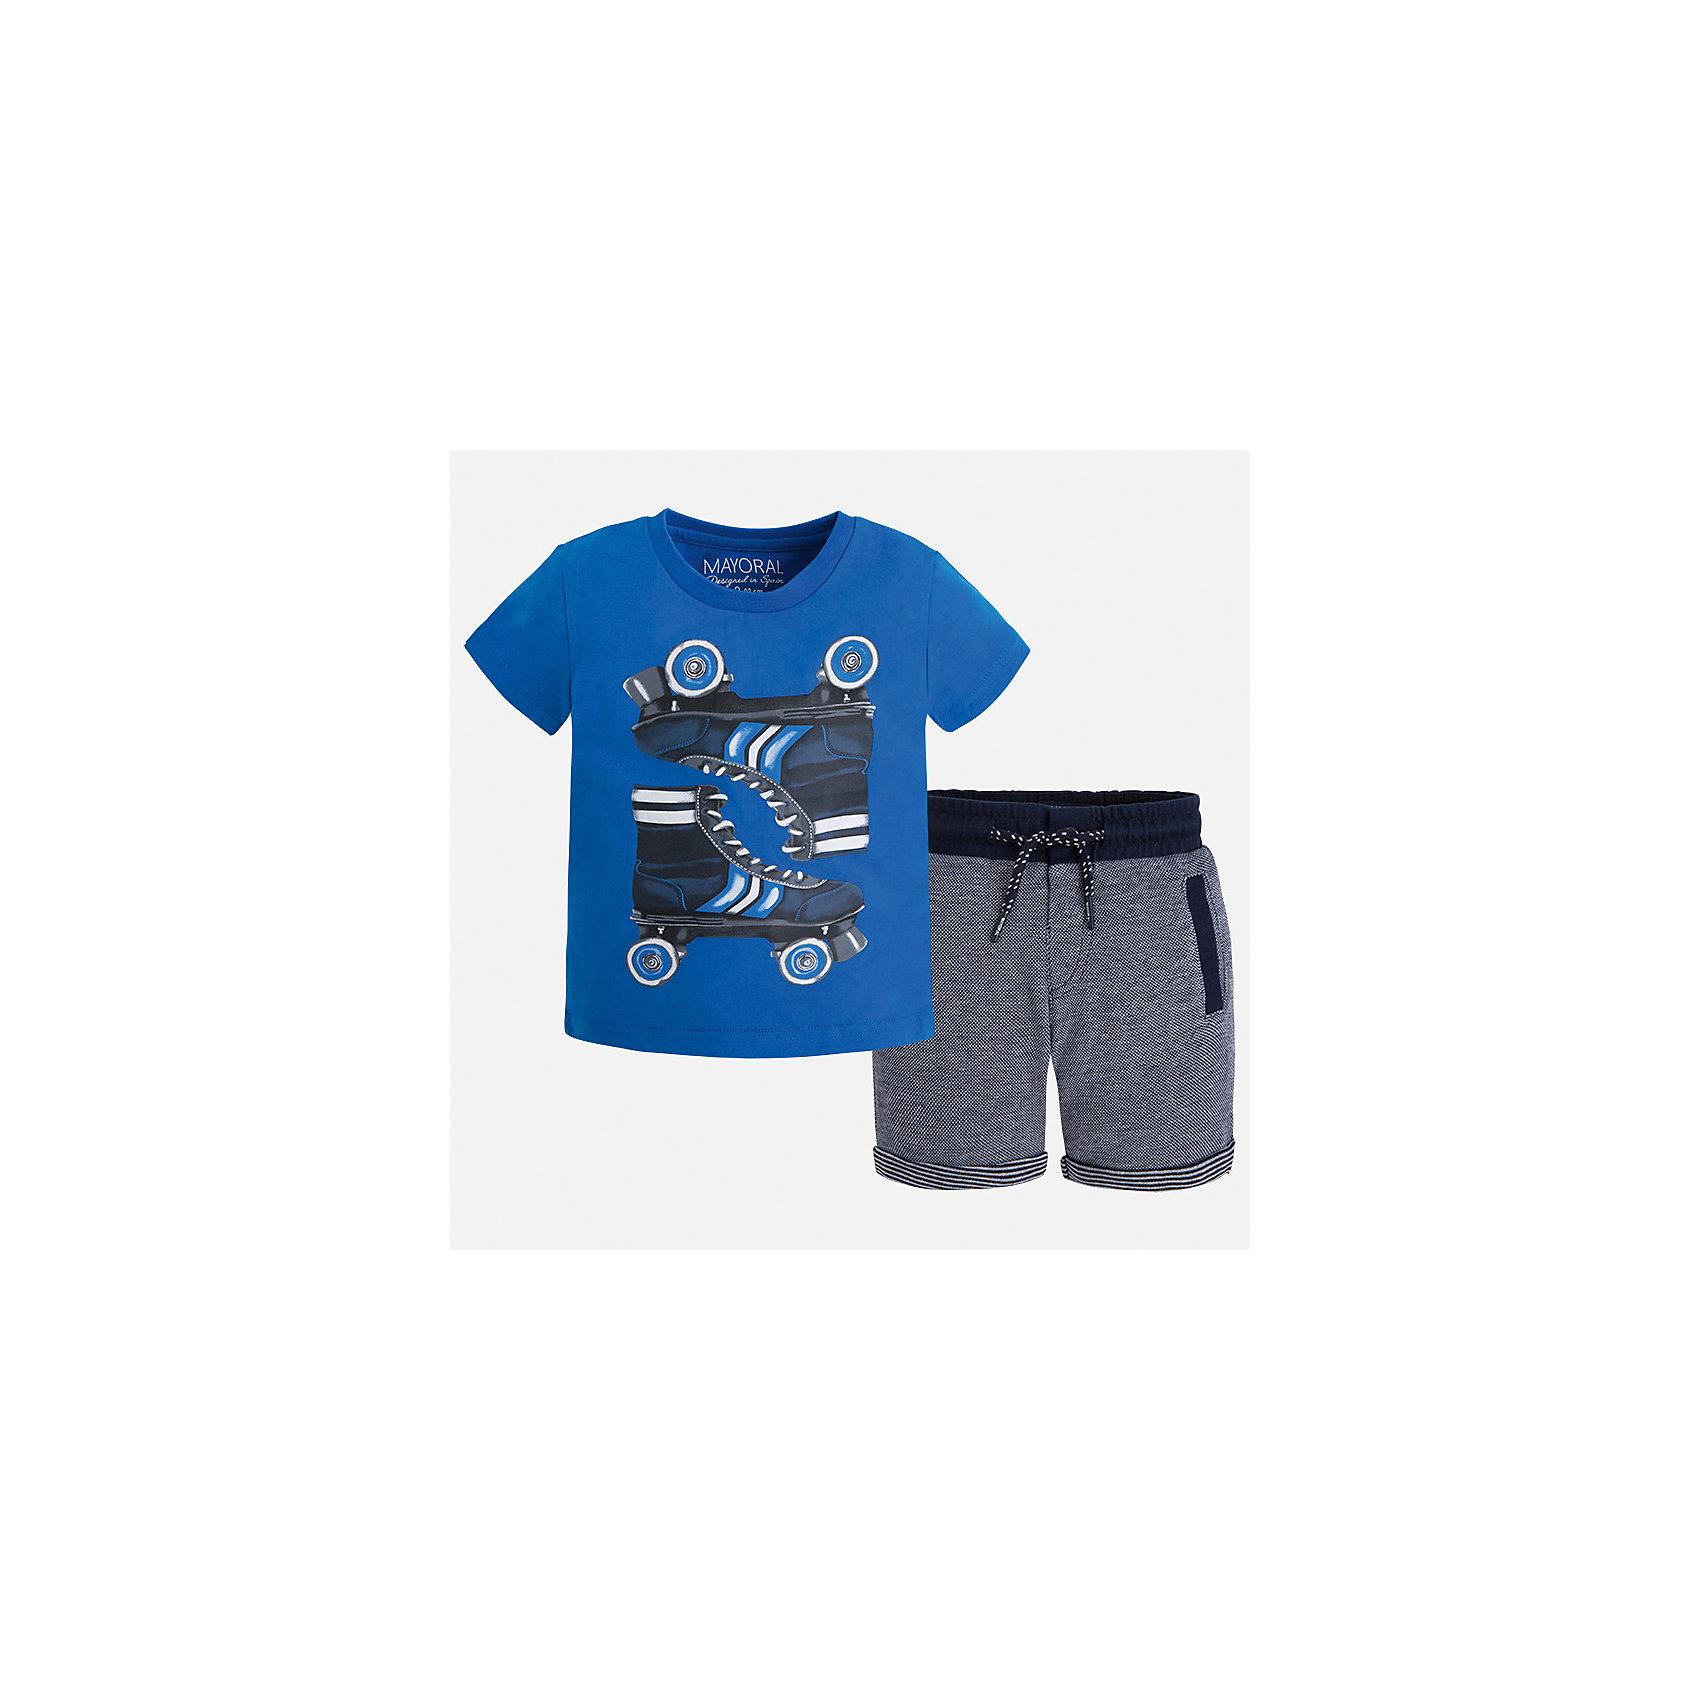 Комплект: футболка и шорты для мальчика MayoralКомплекты<br>Характеристики товара:<br><br>• цвет: голубой/синий<br>• состав: футболка - 100% хлопок, шорты: 56% хлопок, 44% полиэстер<br>• комплектация: шорты, футболка<br>• круглый горловой вырез<br>• декорирована принтом<br>• короткие рукава<br>• шорты - пояс со шнурком<br>• страна бренда: Испания<br><br>Стильная удобная футболка с принтом и шорты помогут разнообразить гардероб мальчика и удобно одеться. Универсальный цвет позволяет подобрать к вещам верхнюю одежду практически любой расцветки. Интересная отделка модели делает её нарядной и оригинальной. В составе материала - только натуральный хлопок, гипоаллергенный, приятный на ощупь, дышащий.<br><br>Одежда, обувь и аксессуары от испанского бренда Mayoral полюбились детям и взрослым по всему миру. Модели этой марки - стильные и удобные. Для их производства используются только безопасные, качественные материалы и фурнитура. Порадуйте ребенка модными и красивыми вещами от Mayoral! <br><br>Комплект для мальчика от испанского бренда Mayoral (Майорал) можно купить в нашем интернет-магазине.<br><br>Ширина мм: 191<br>Глубина мм: 10<br>Высота мм: 175<br>Вес г: 273<br>Цвет: синий<br>Возраст от месяцев: 18<br>Возраст до месяцев: 24<br>Пол: Мужской<br>Возраст: Детский<br>Размер: 92,134,128,116,110,104,122,98<br>SKU: 5280946